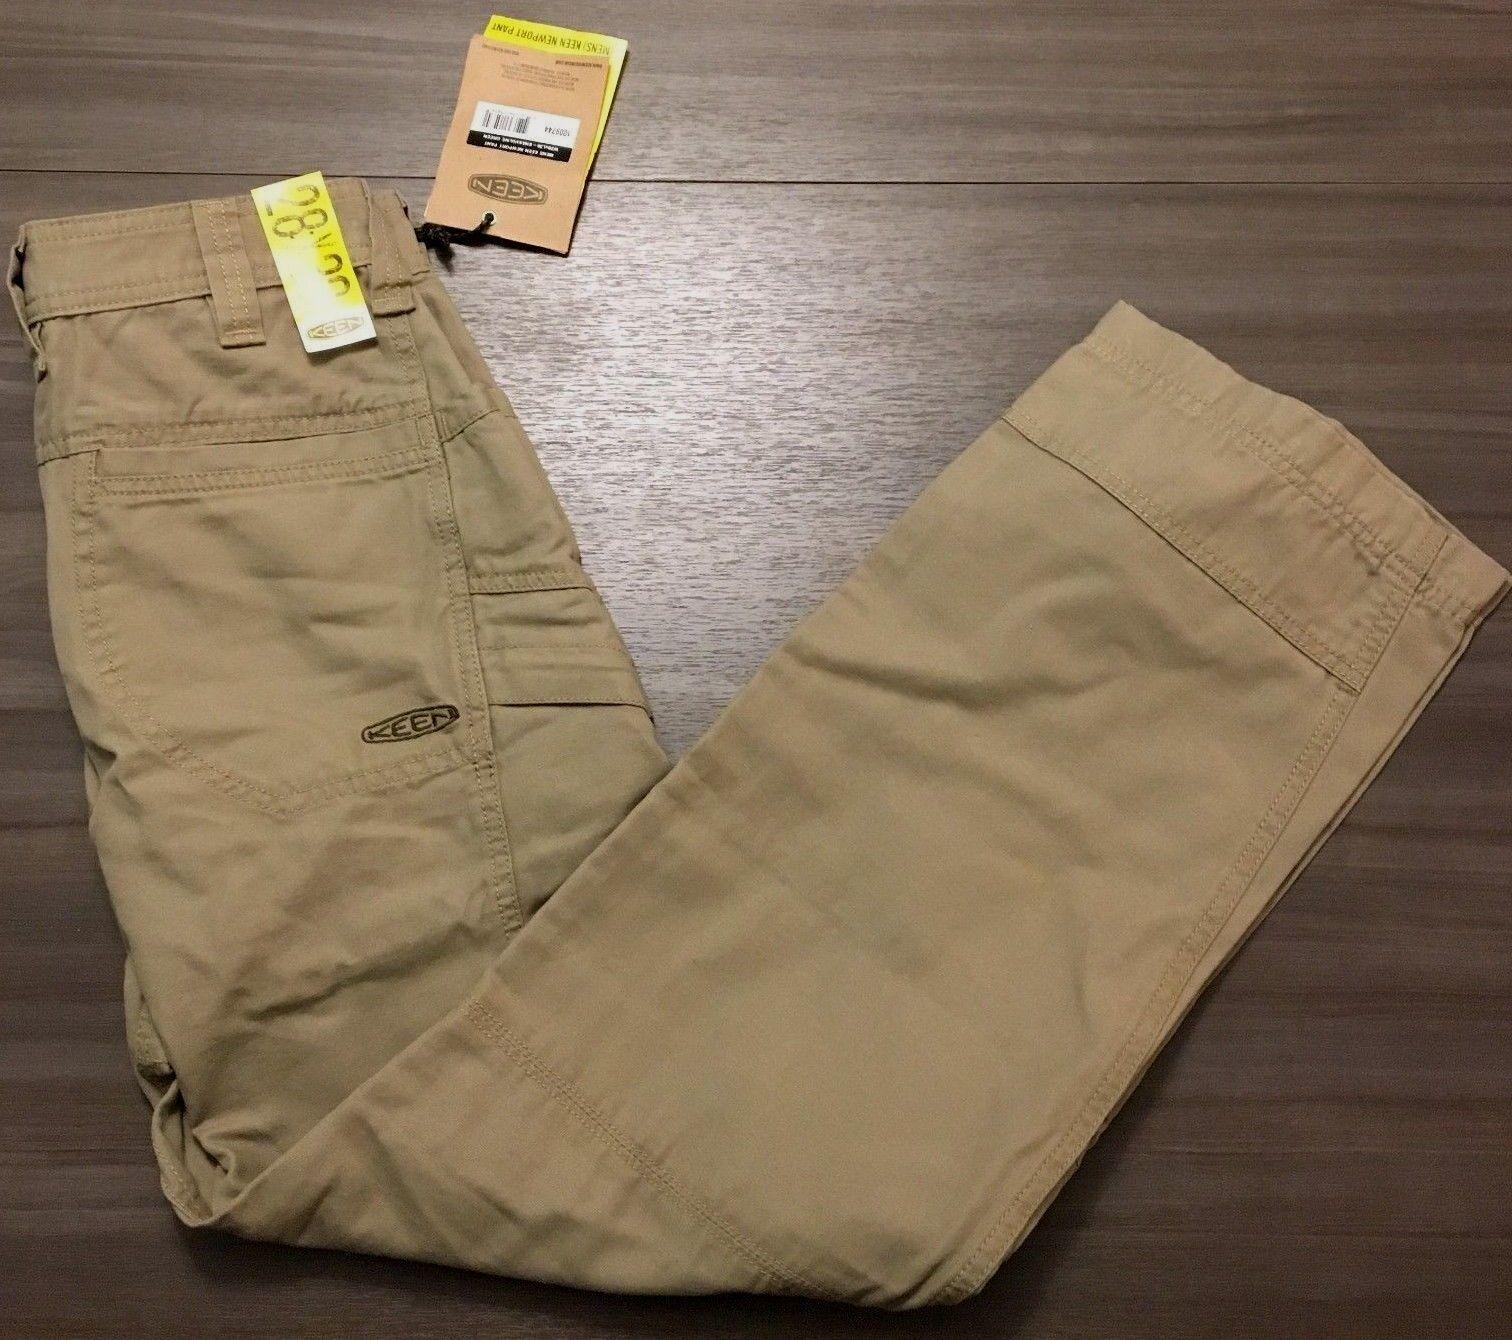 Keen Footwear Mens Newport W28 x L30 Khaki Olive Green Outdoor Hiking Pants NWT